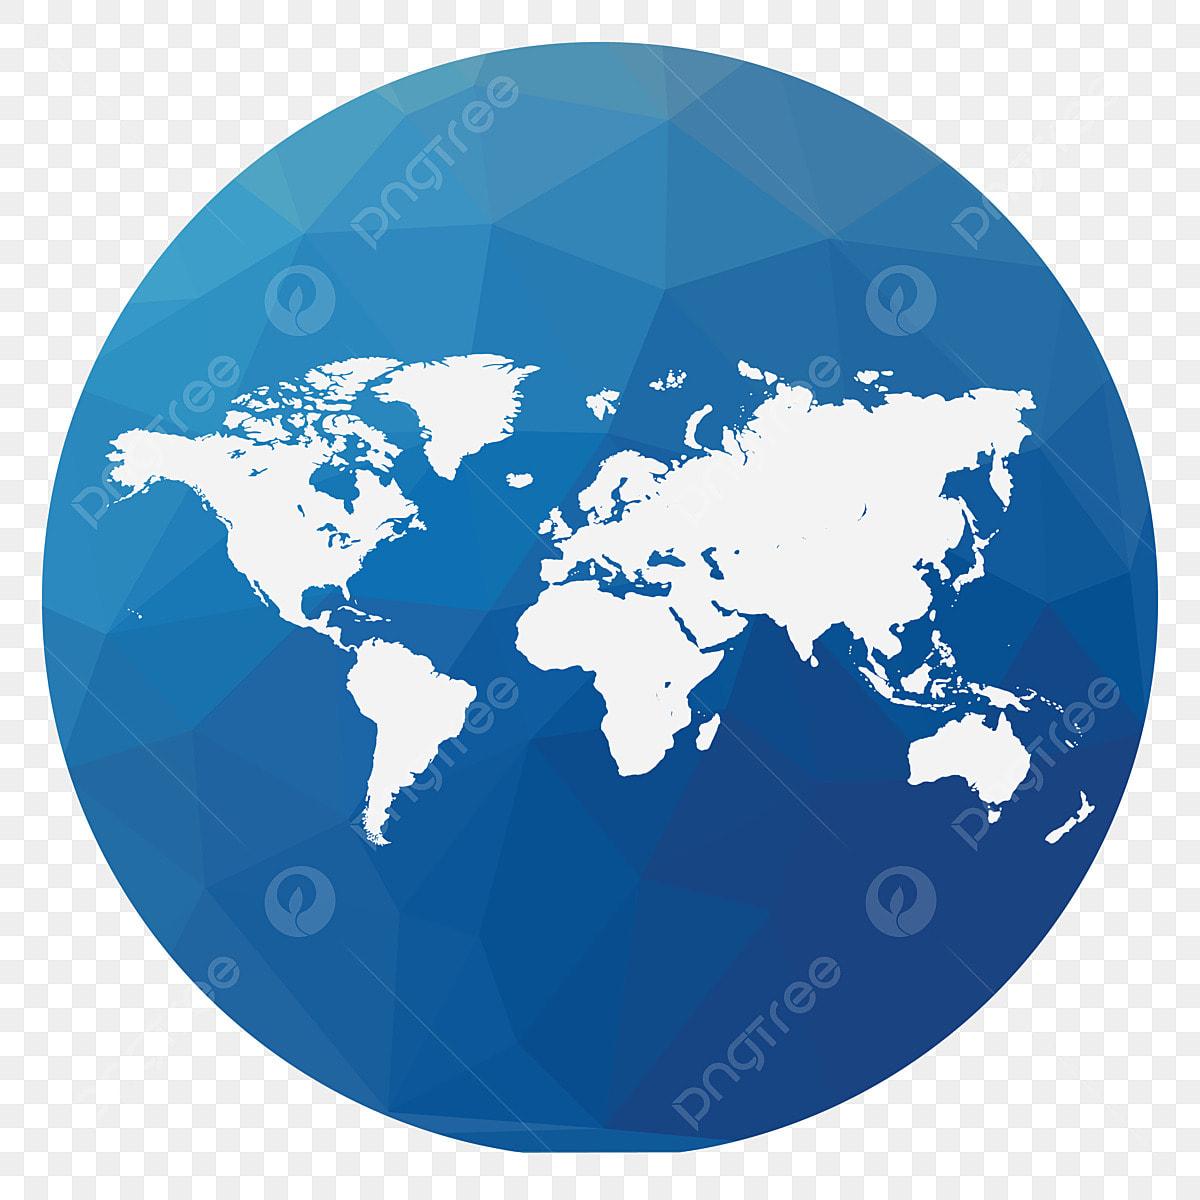 無料ダウンロードのための緑色世界地図 地図 緑 地球png画像素材